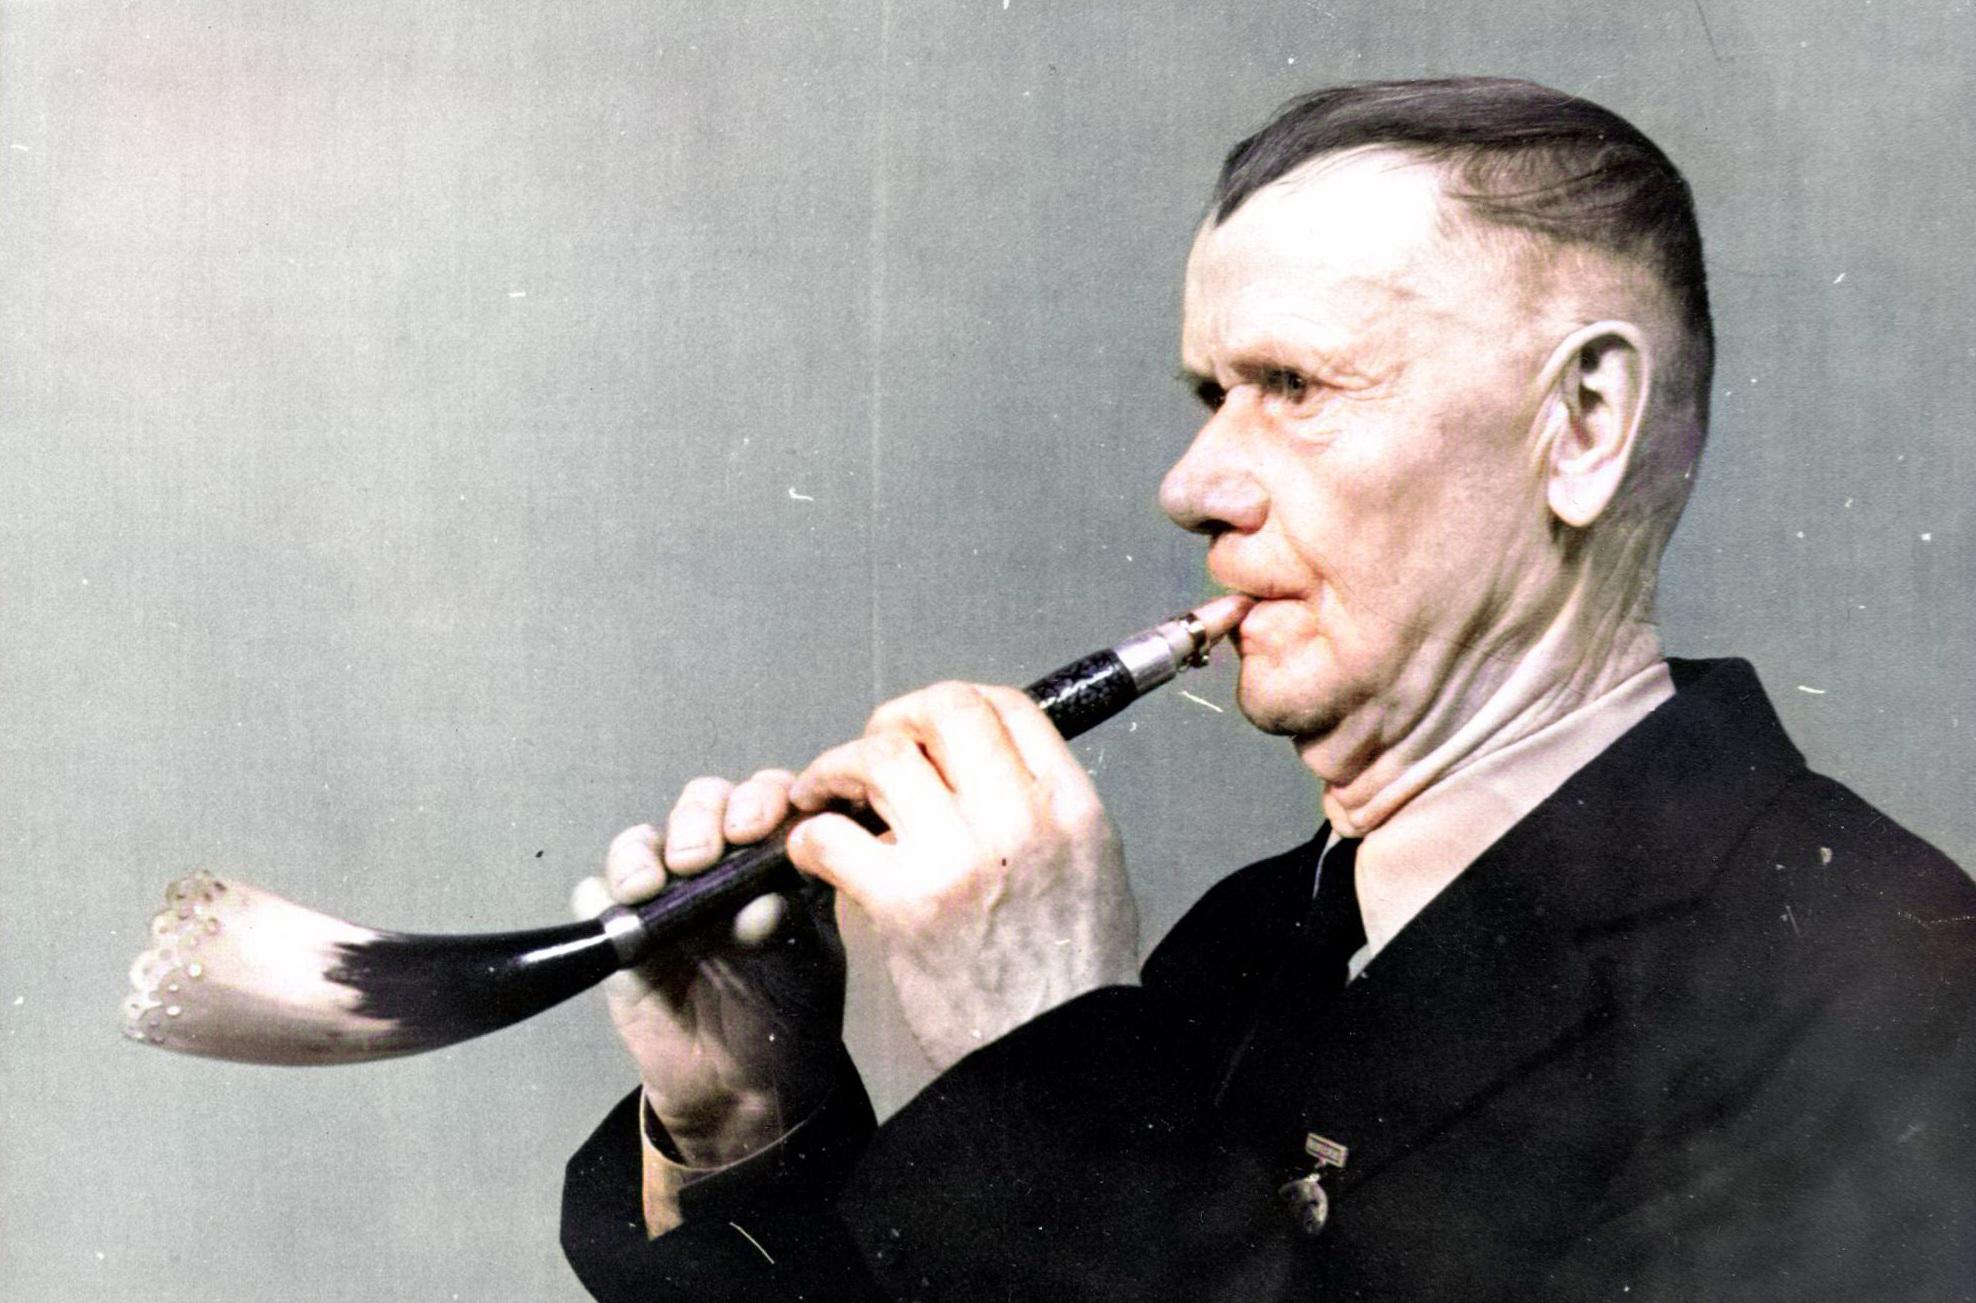 І.І. Лычкоўскі грае на язычковым ражку, які зрабіў сам (Менская вобл., г. Чэрвень).